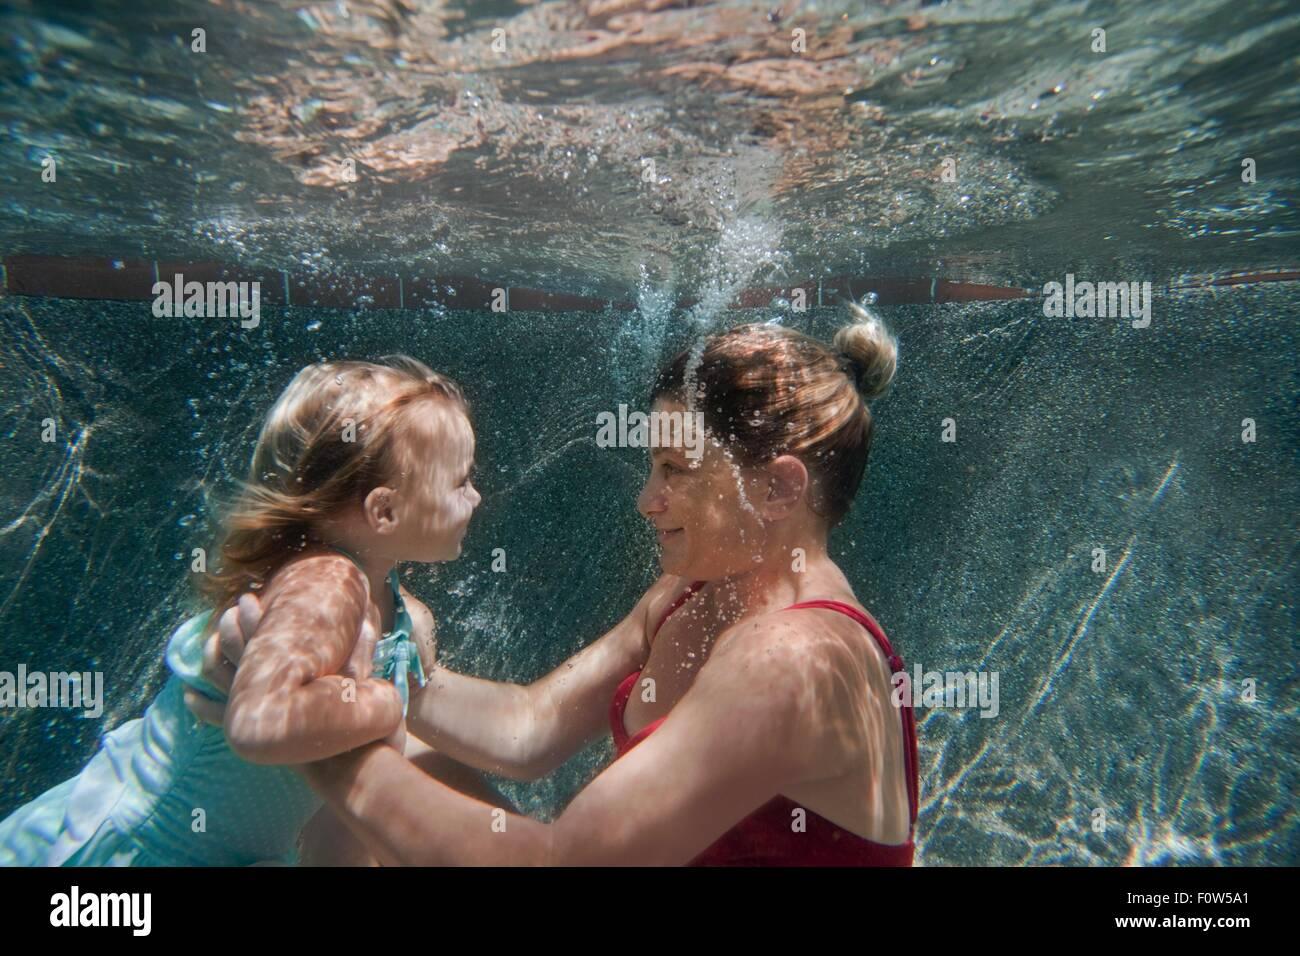 Filmación subacuática de madre sosteniendo hija y ayudarla a aprender a nadar Imagen De Stock